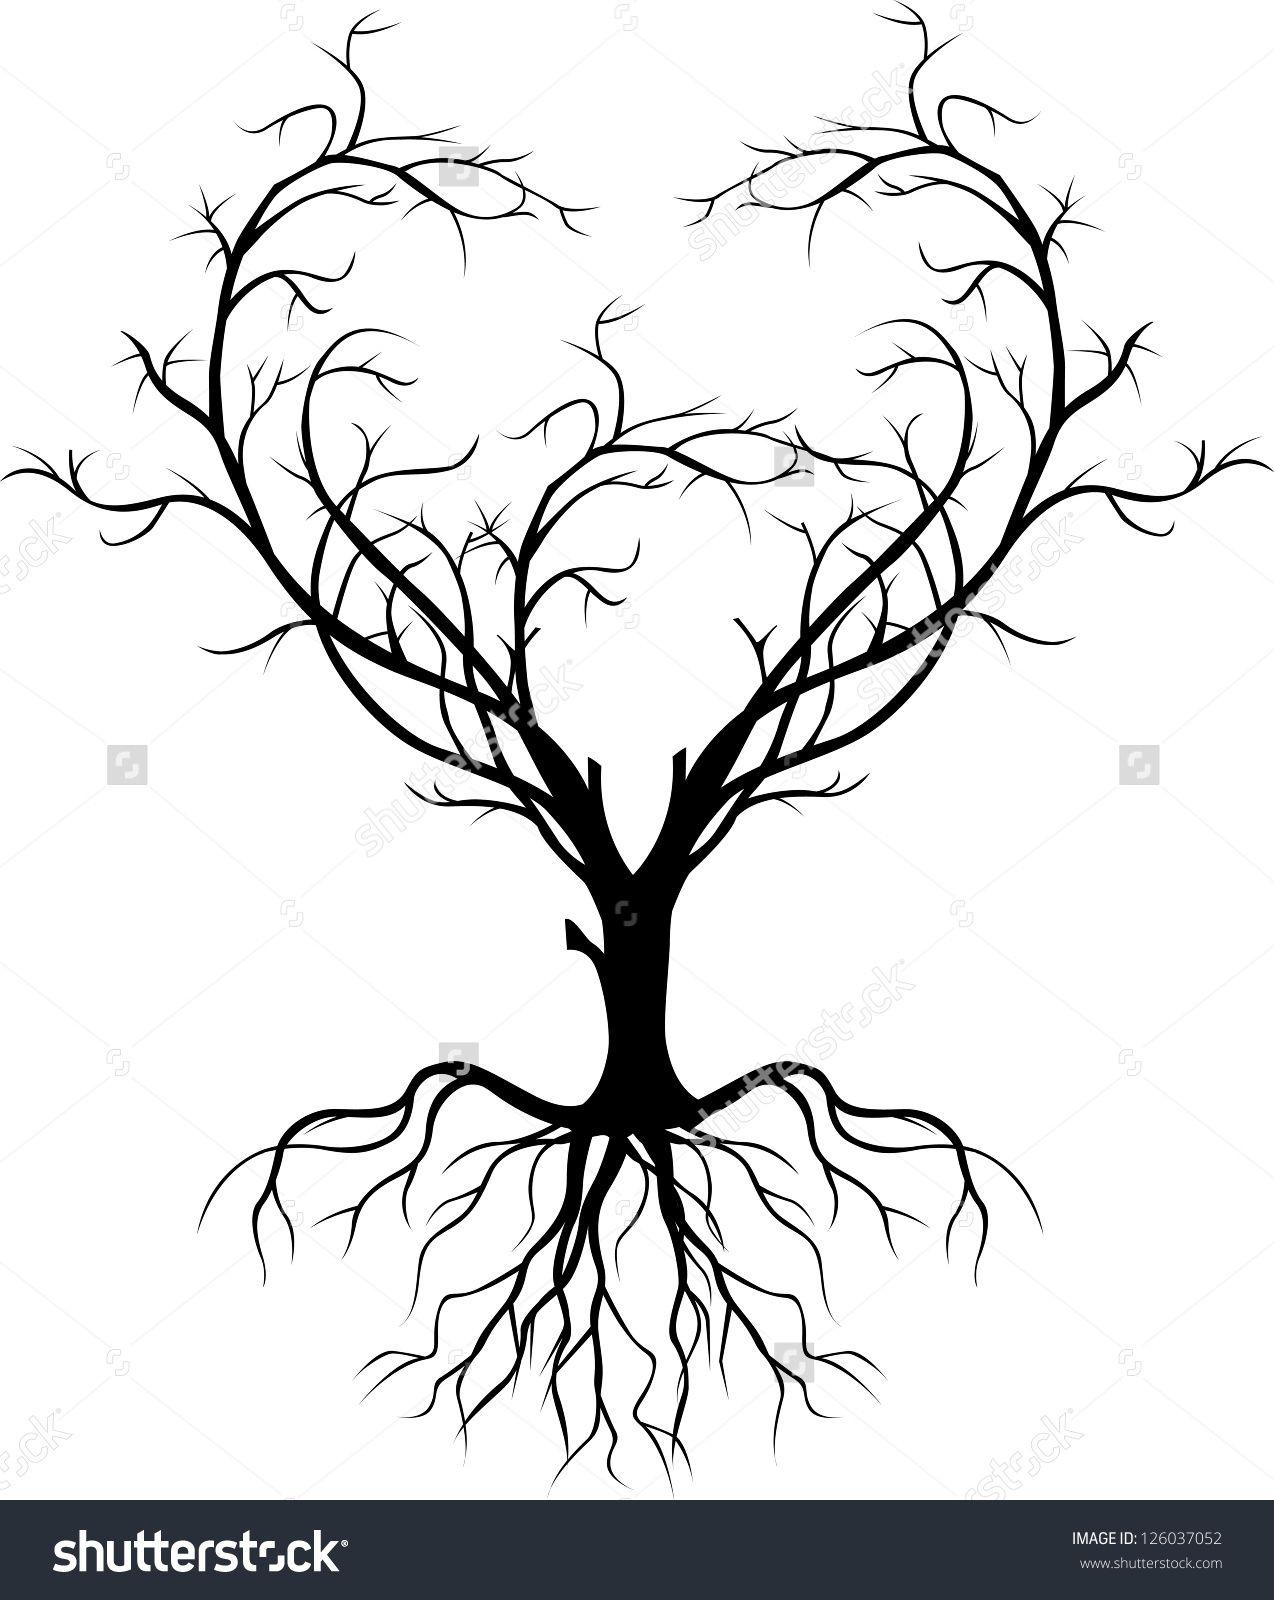 tree silhouette in 2020 Tree silhouette tattoo, Oak tree